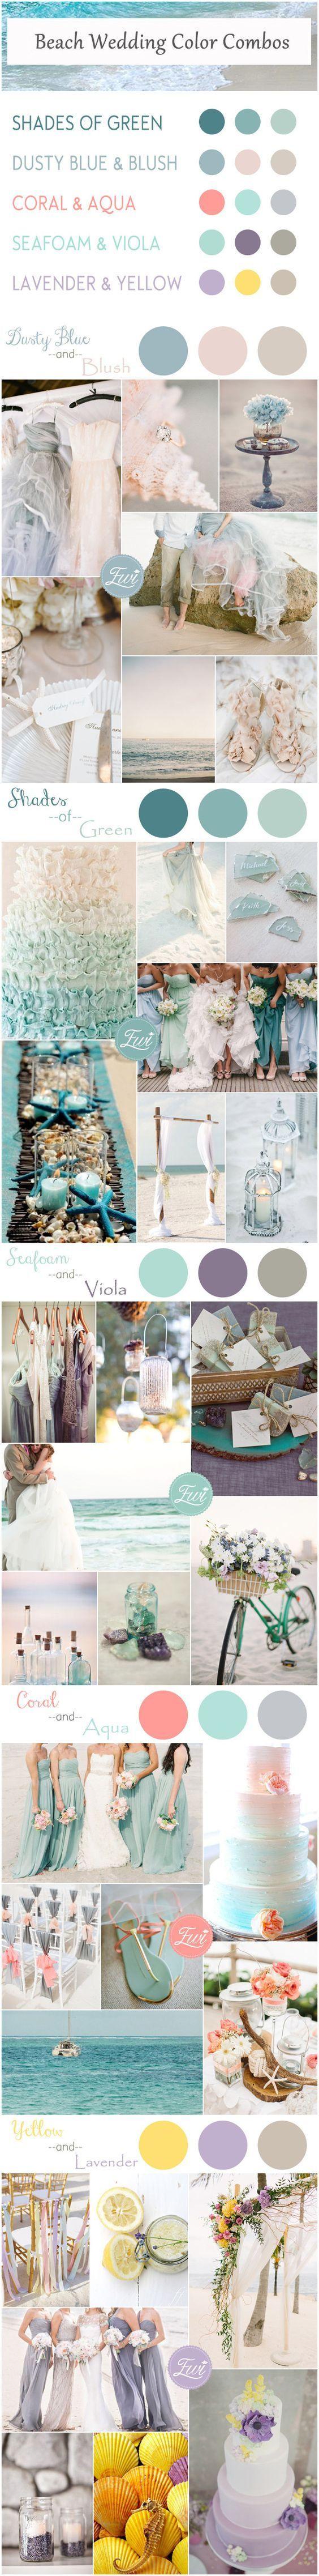 Beach Wedding Color Combos                                                                                                                                                                                 More